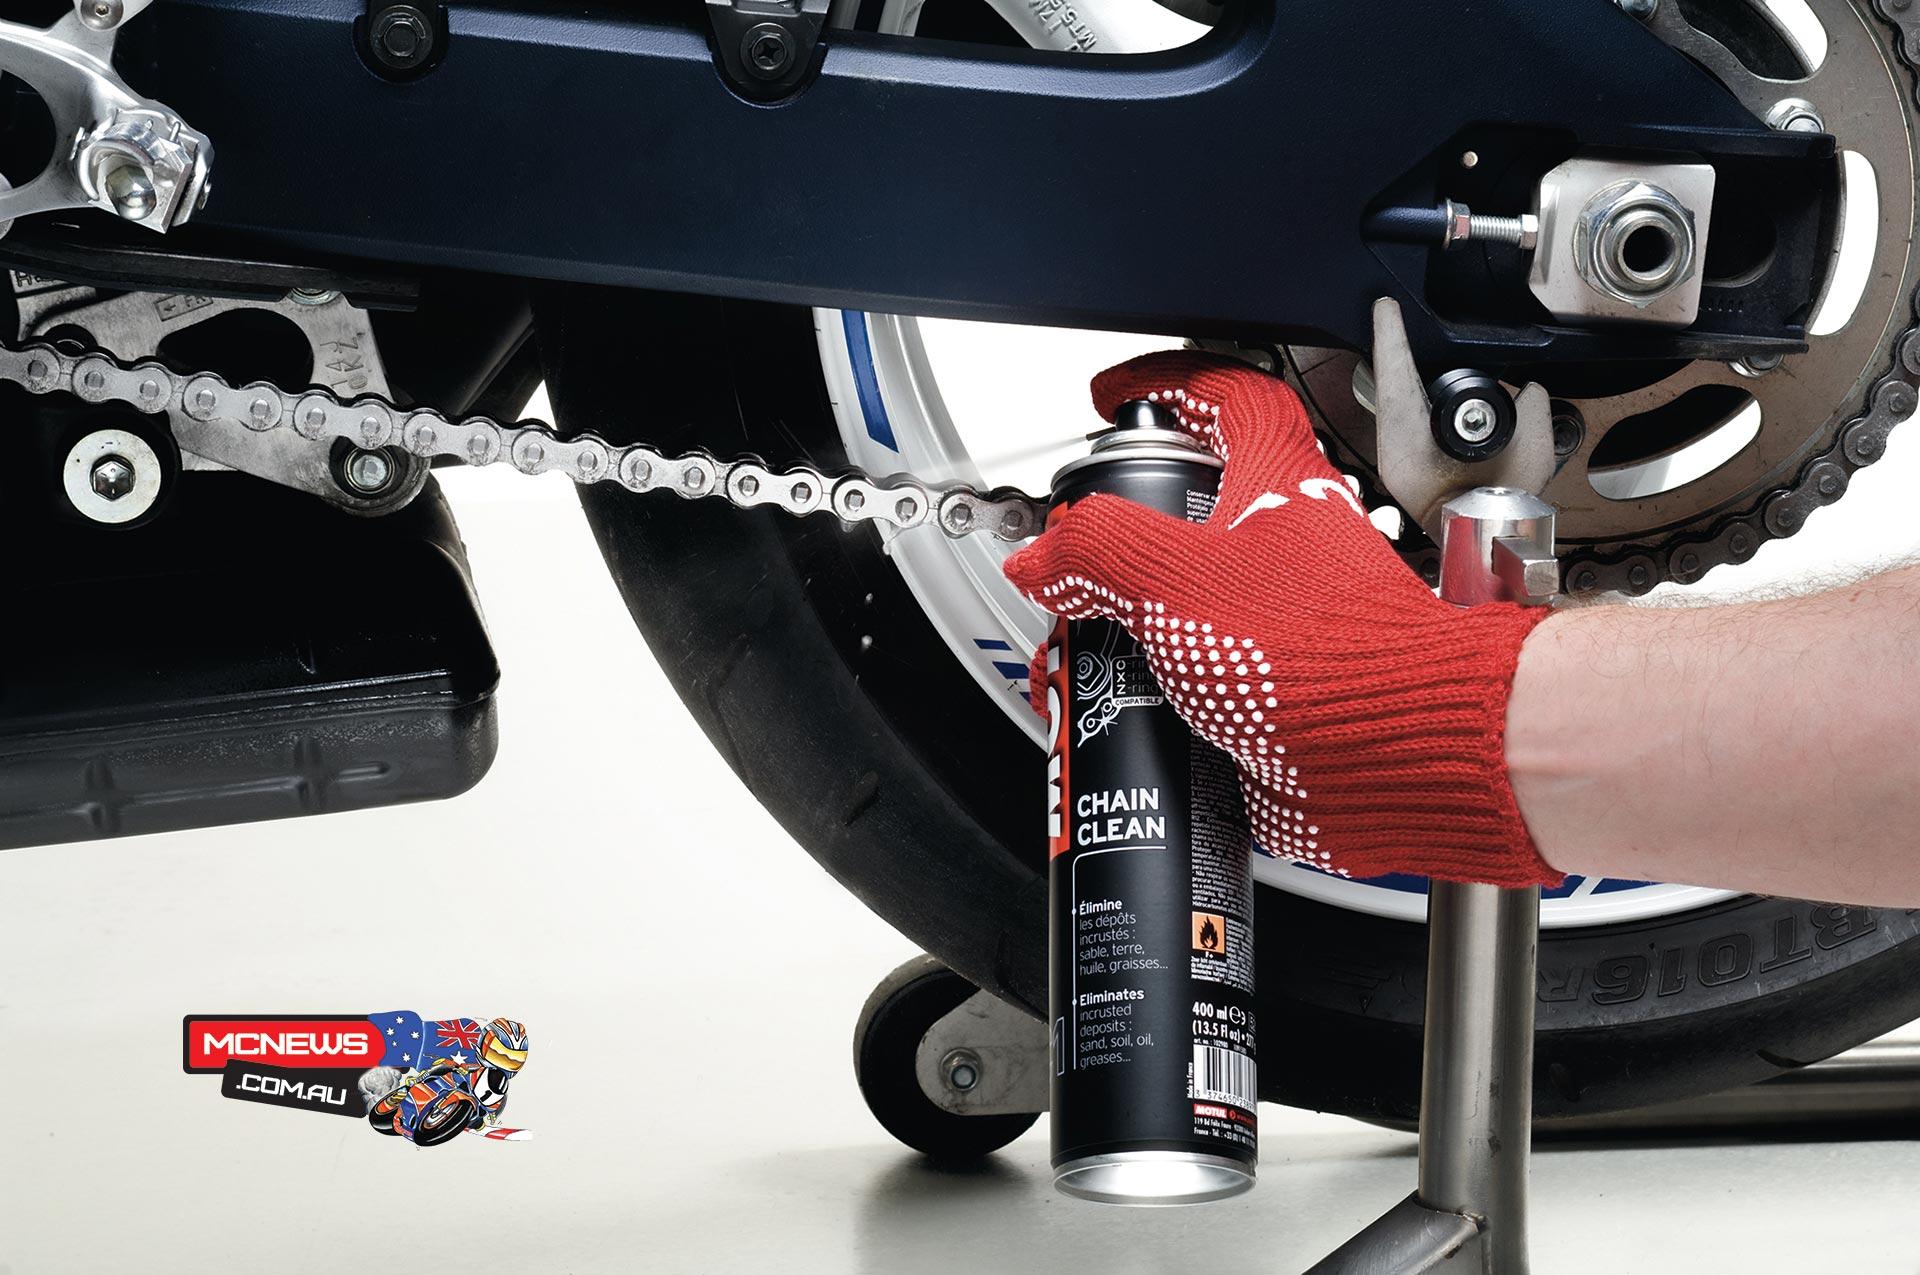 motul motorcycle oil guide